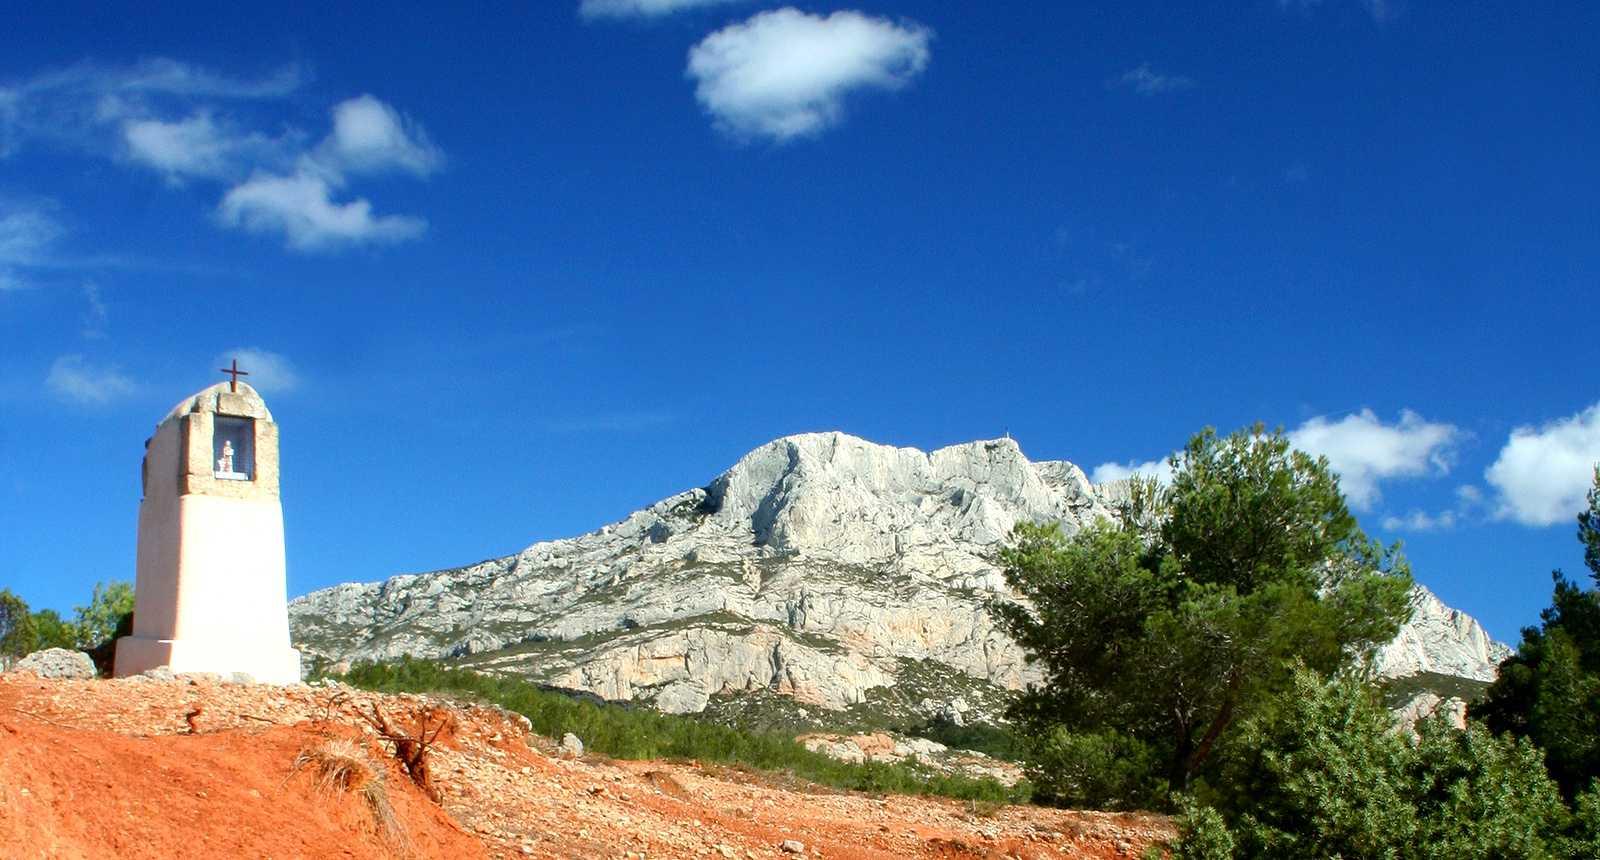 La Montagne Sainte-Victoire (1)